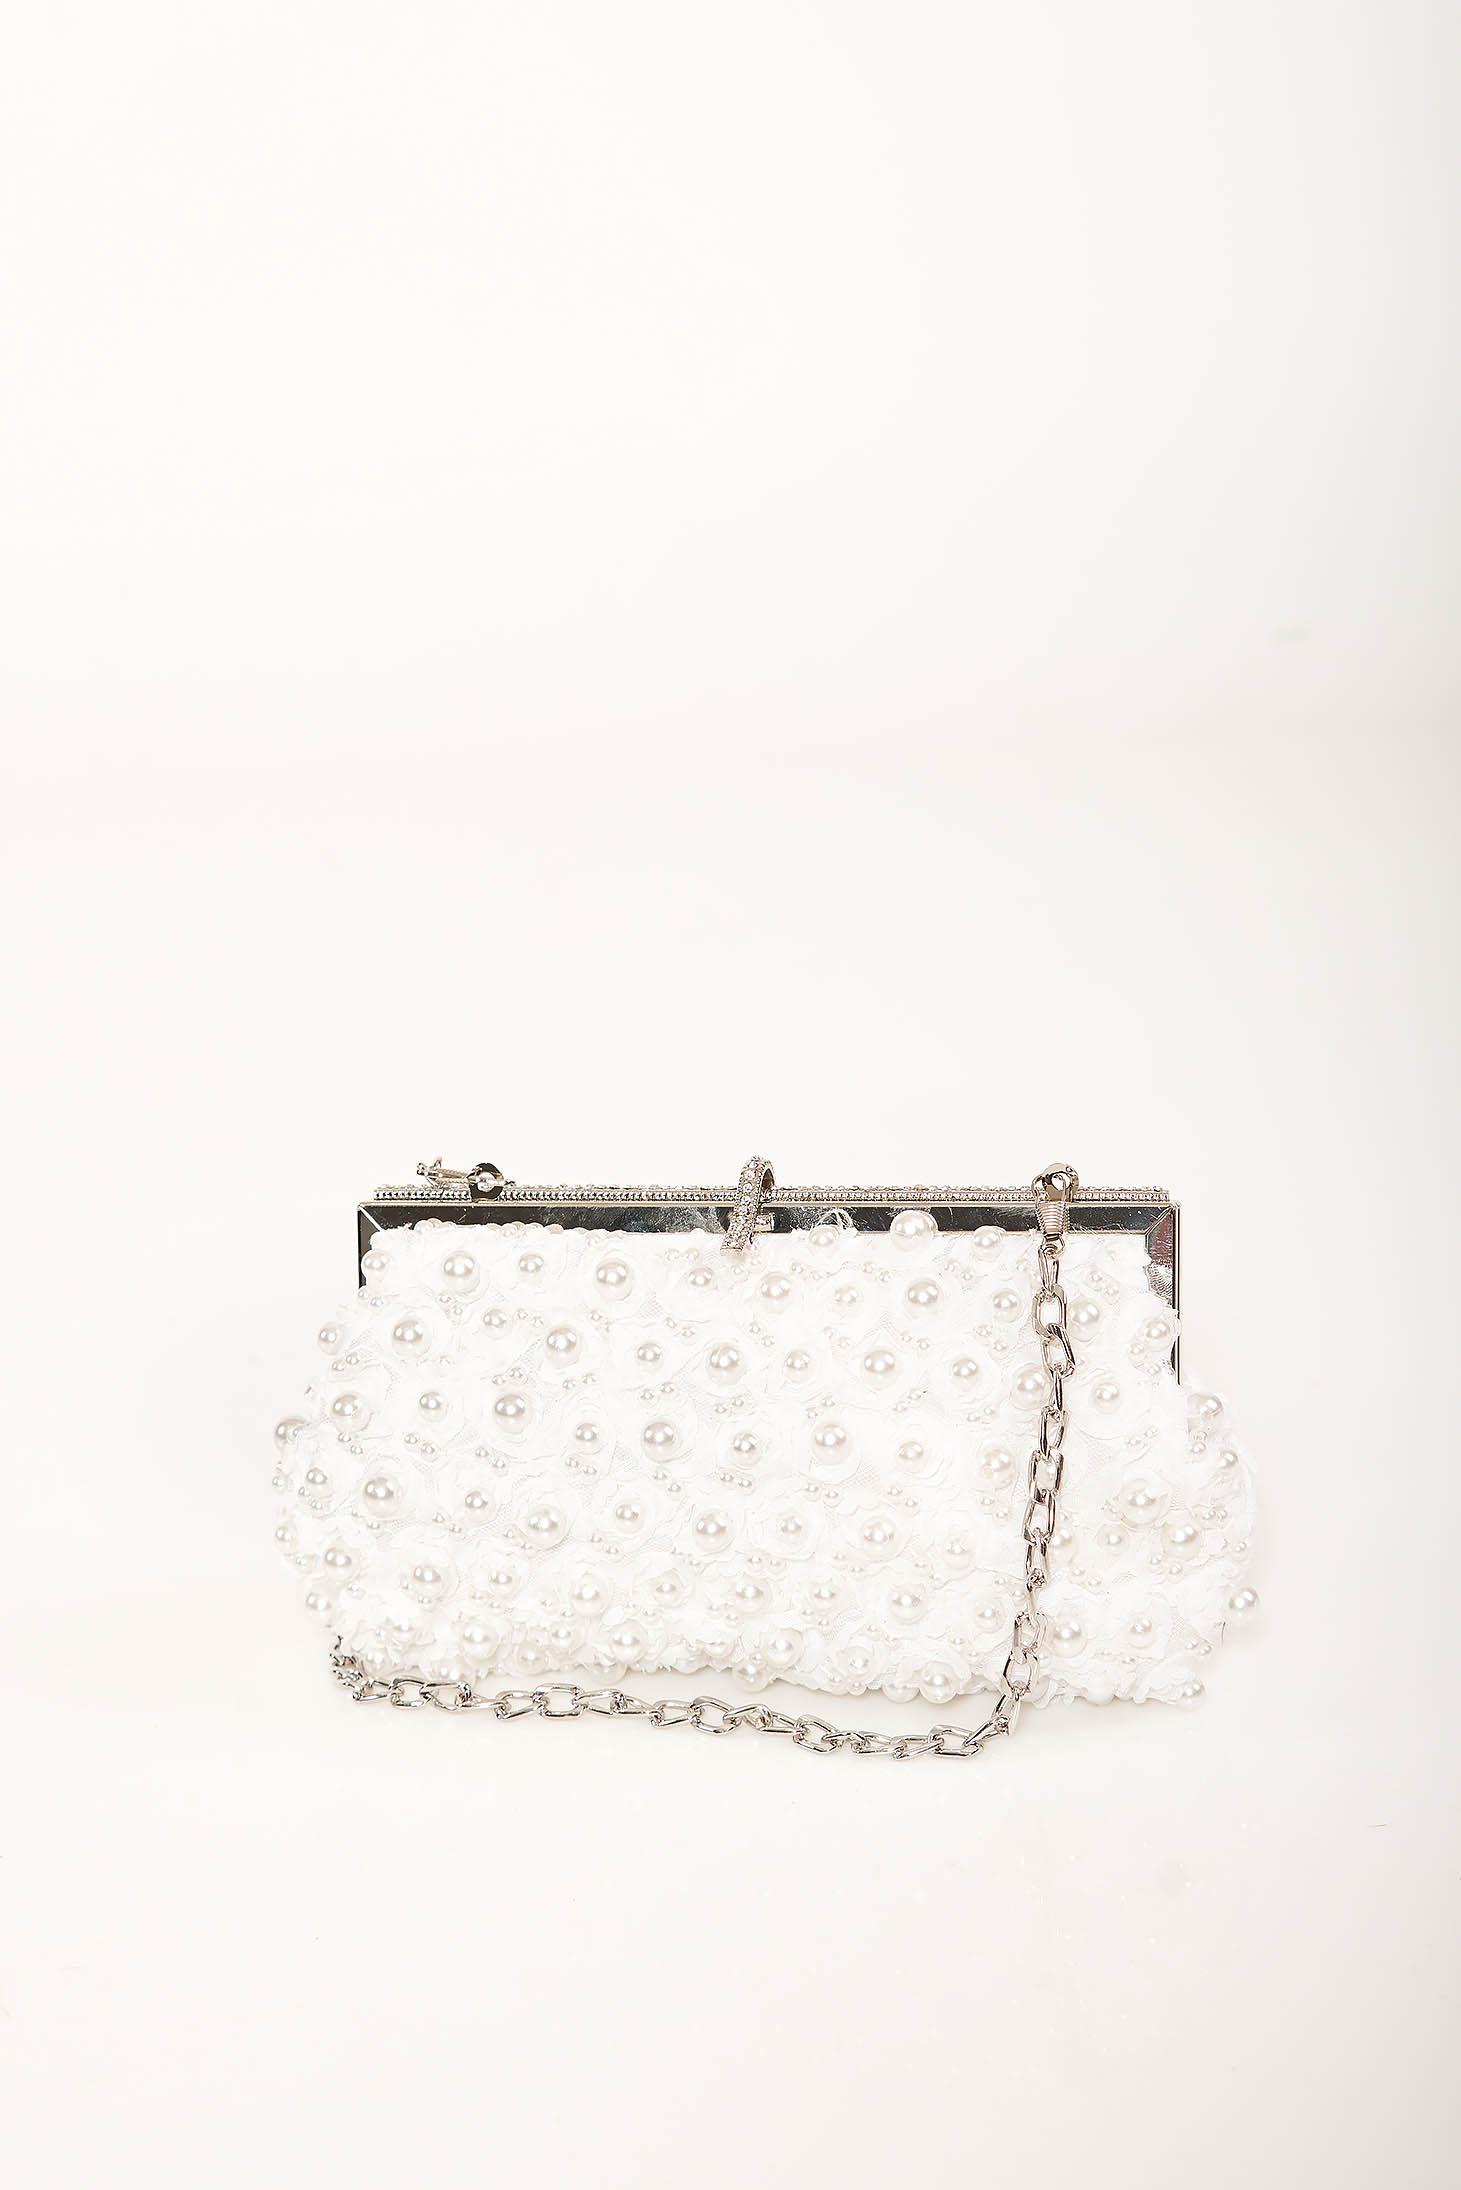 Geanta dama alba de ocazie cu lantisor detasabil si aplicatii cu perle si pietre strass